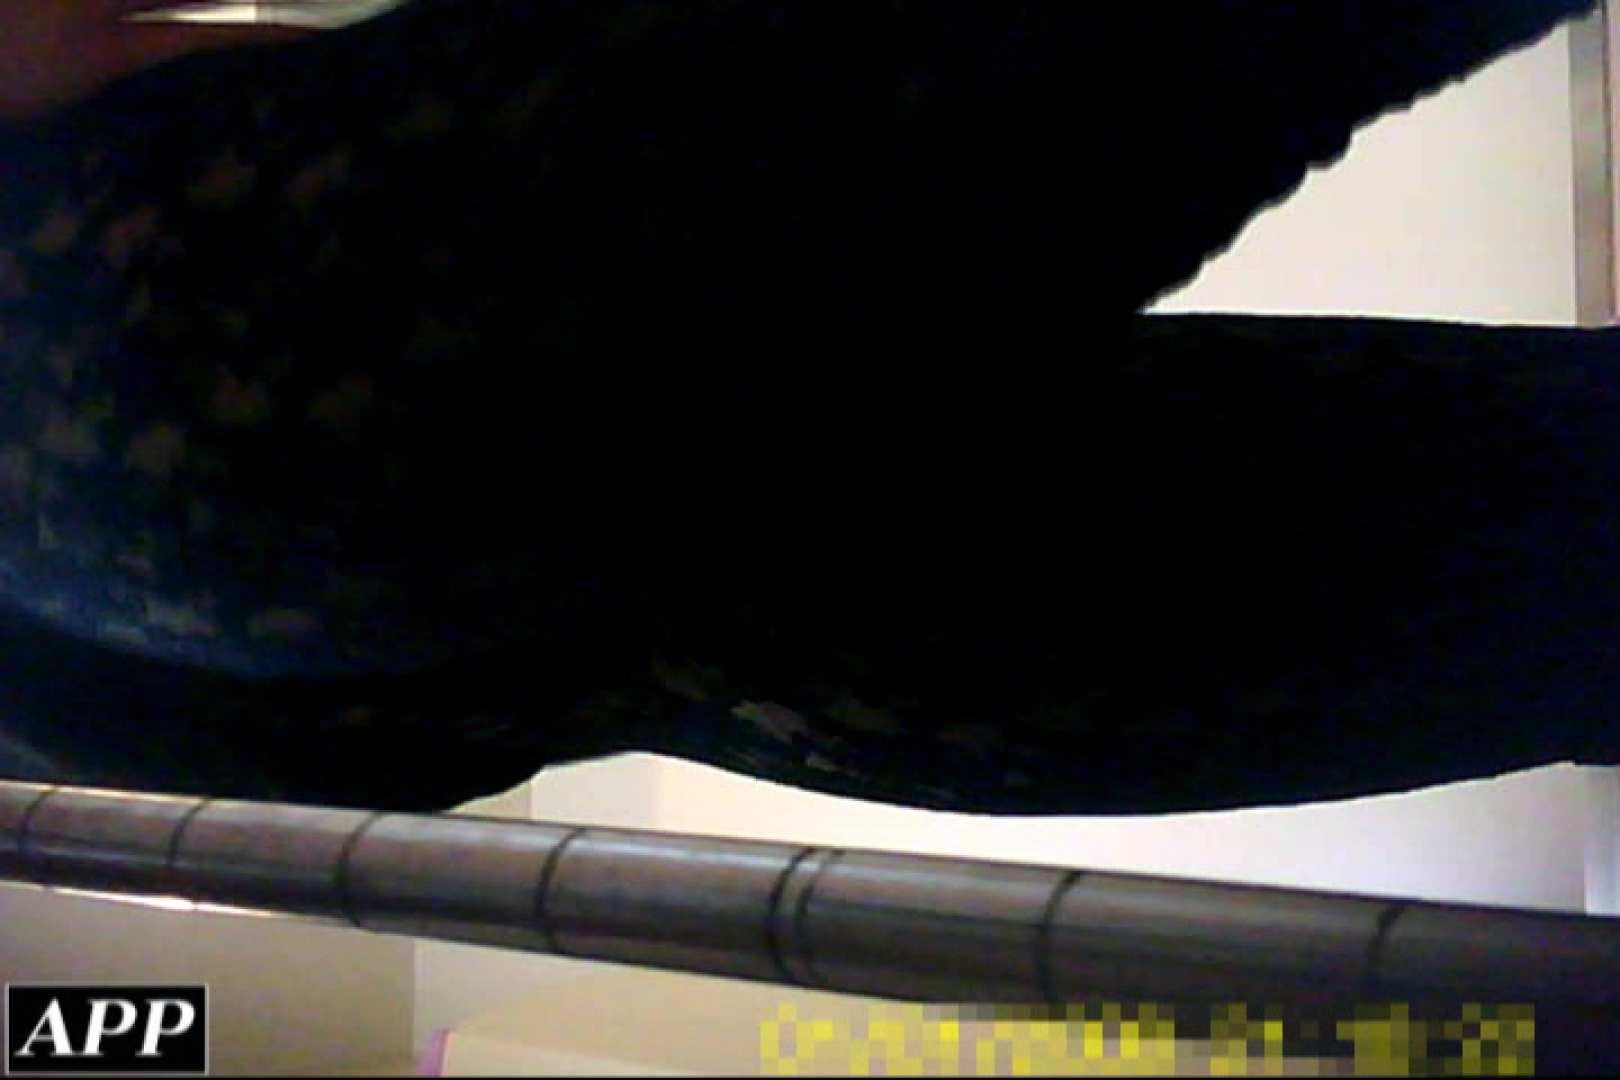 3視点洗面所 vol.108 盗撮 オマンコ無修正動画無料 103連発 86